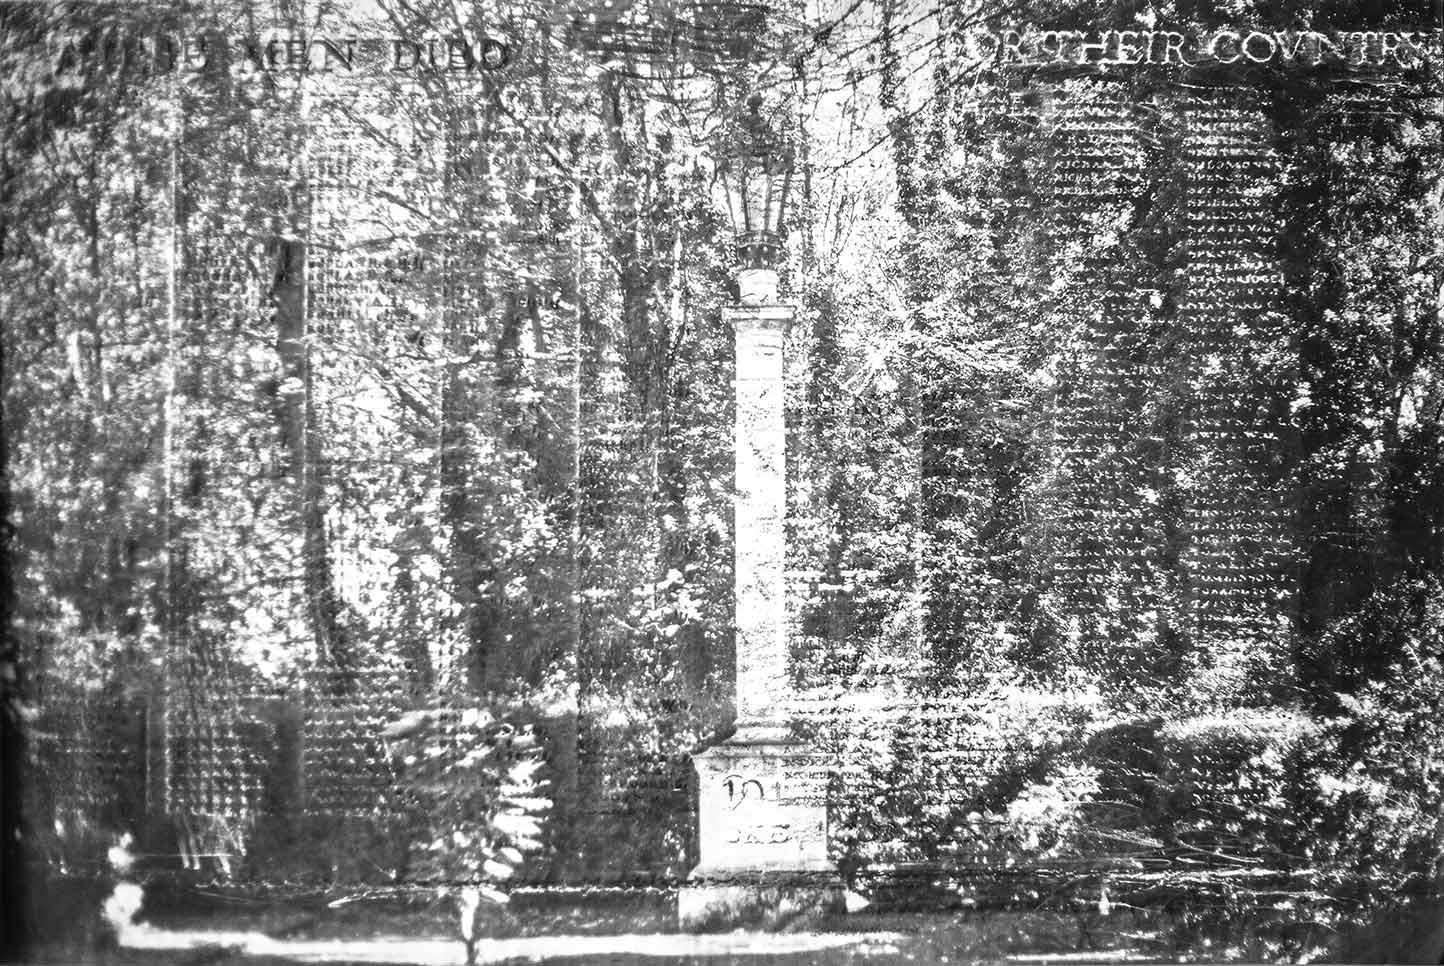 kneeling-memorial-gardens-03